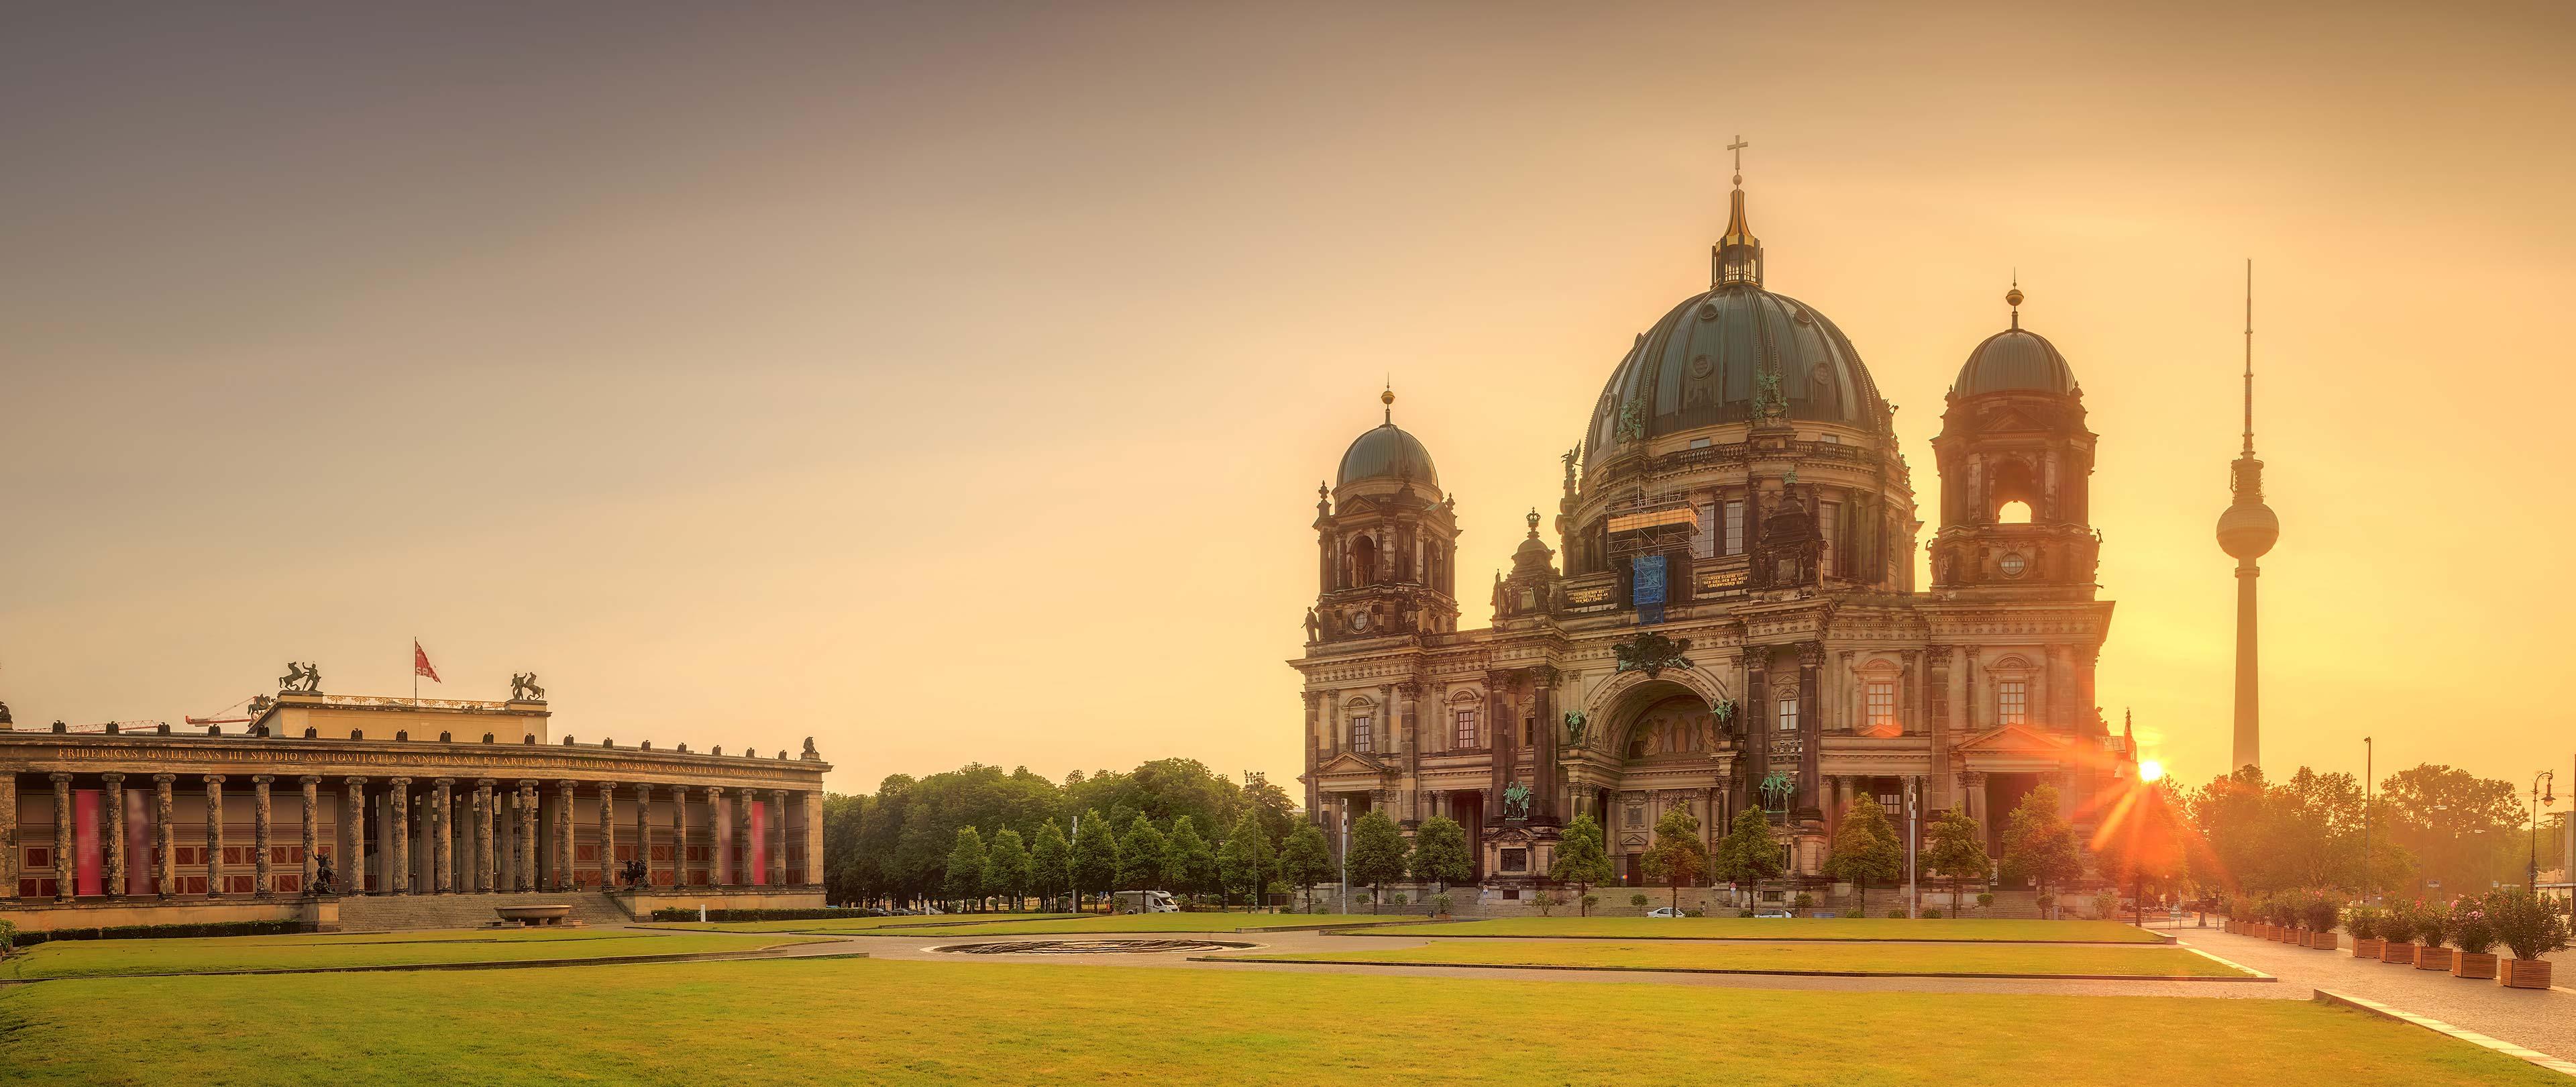 Top 5 Attractions in Berlin